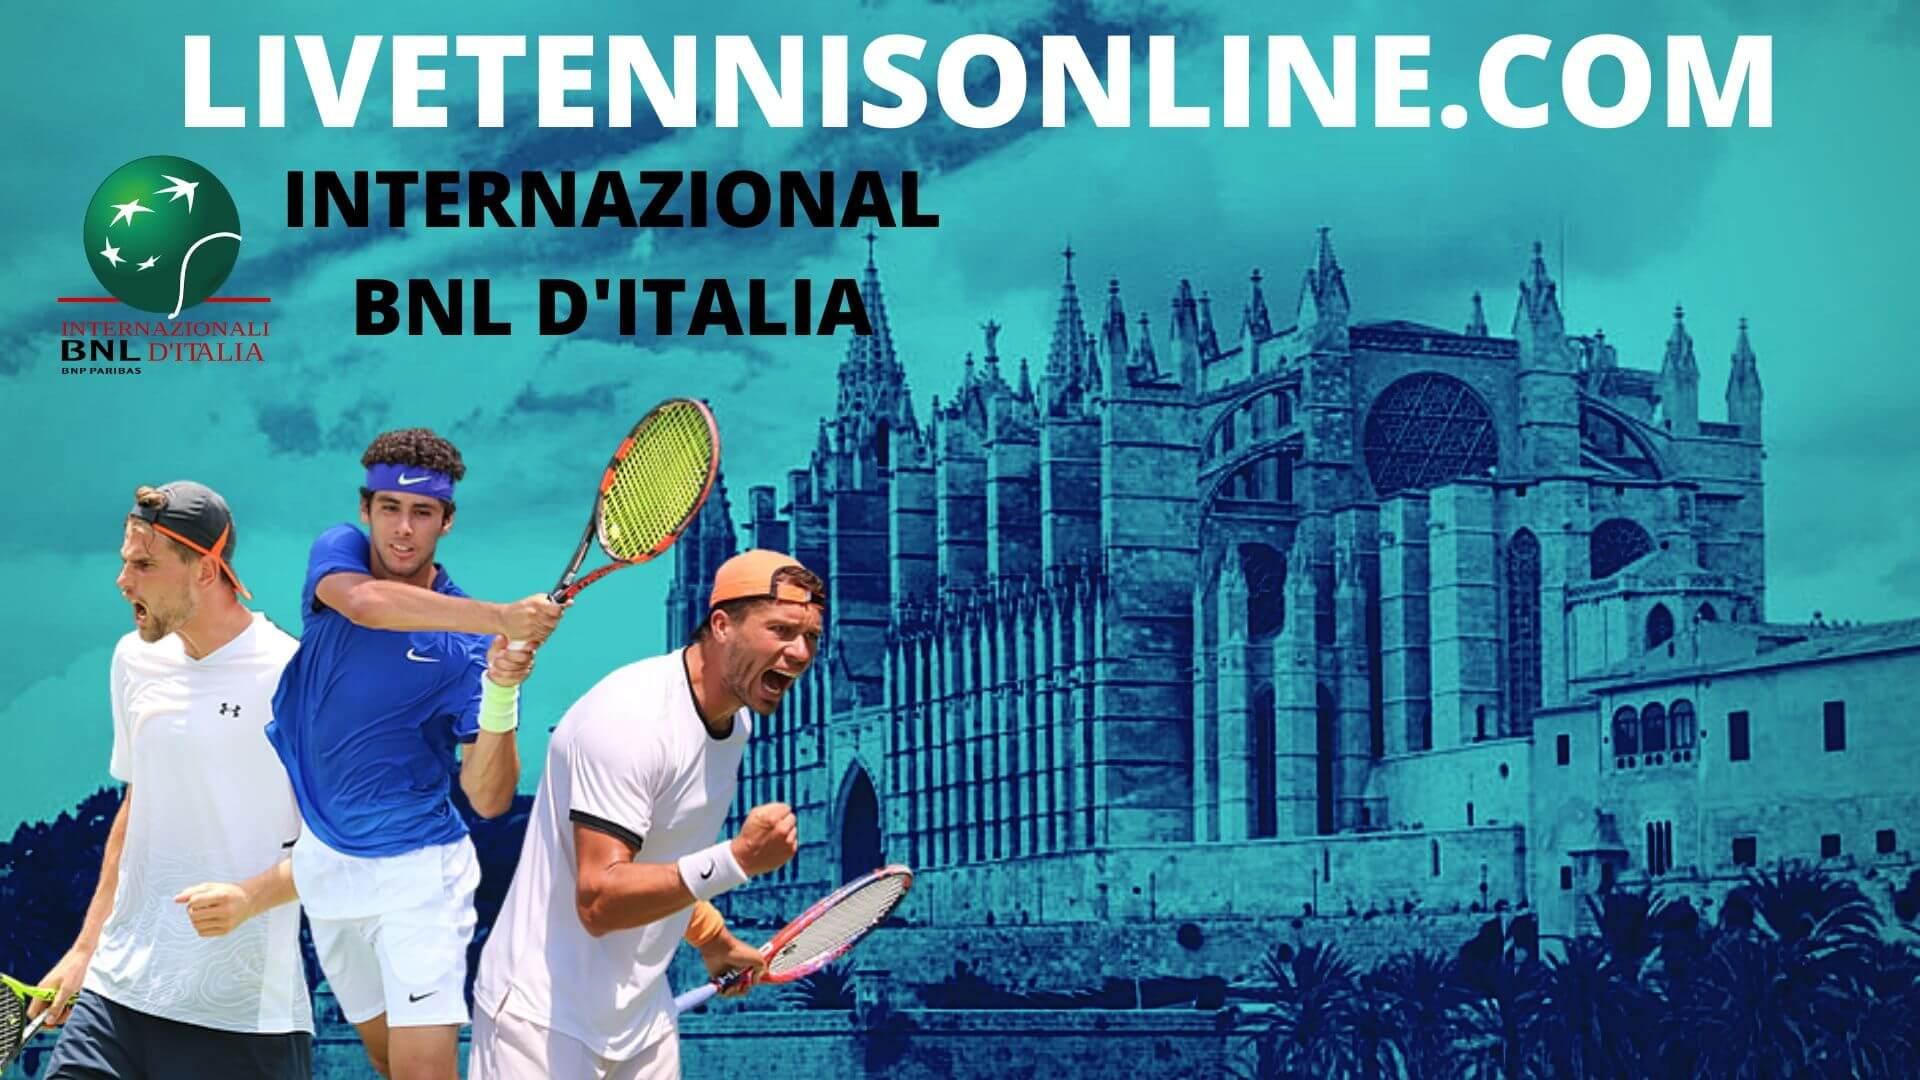 Internazionali BNL d Italia Live Stream 2020 | Day 5